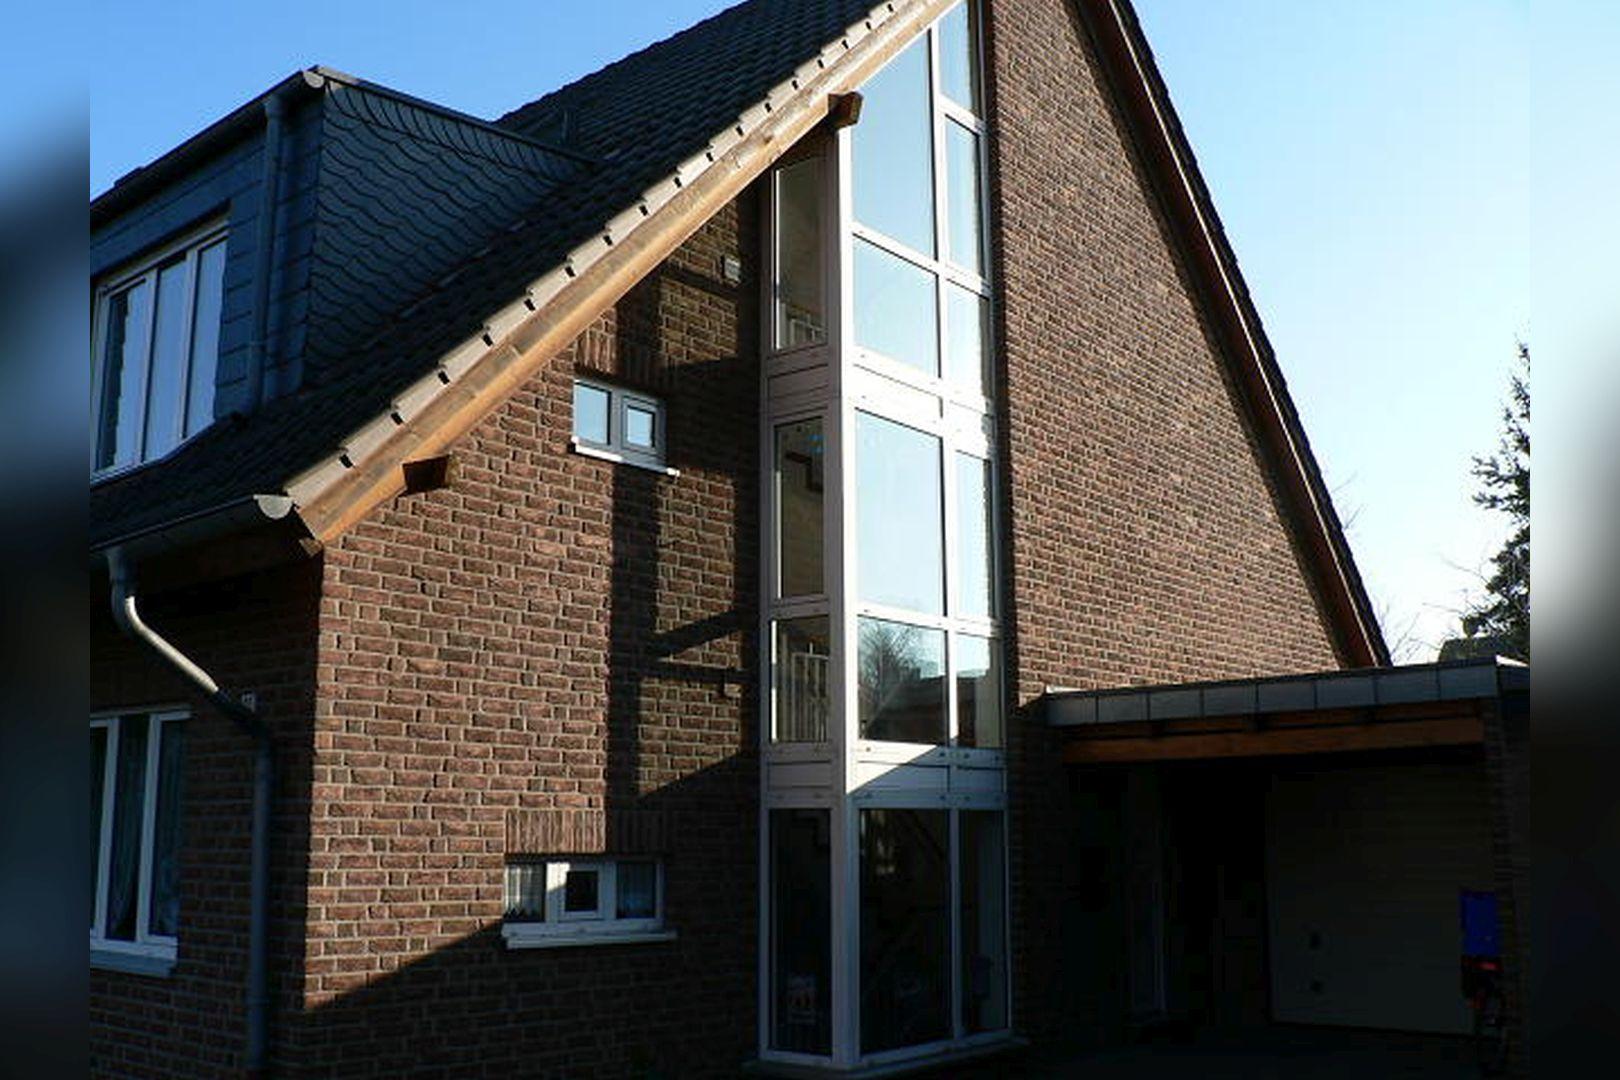 Immobilie Nr.0264 - großzügige Vier-Raum-Wohnung mit Riesenkellerraum für Hobby etc. - Bild 17.jpg